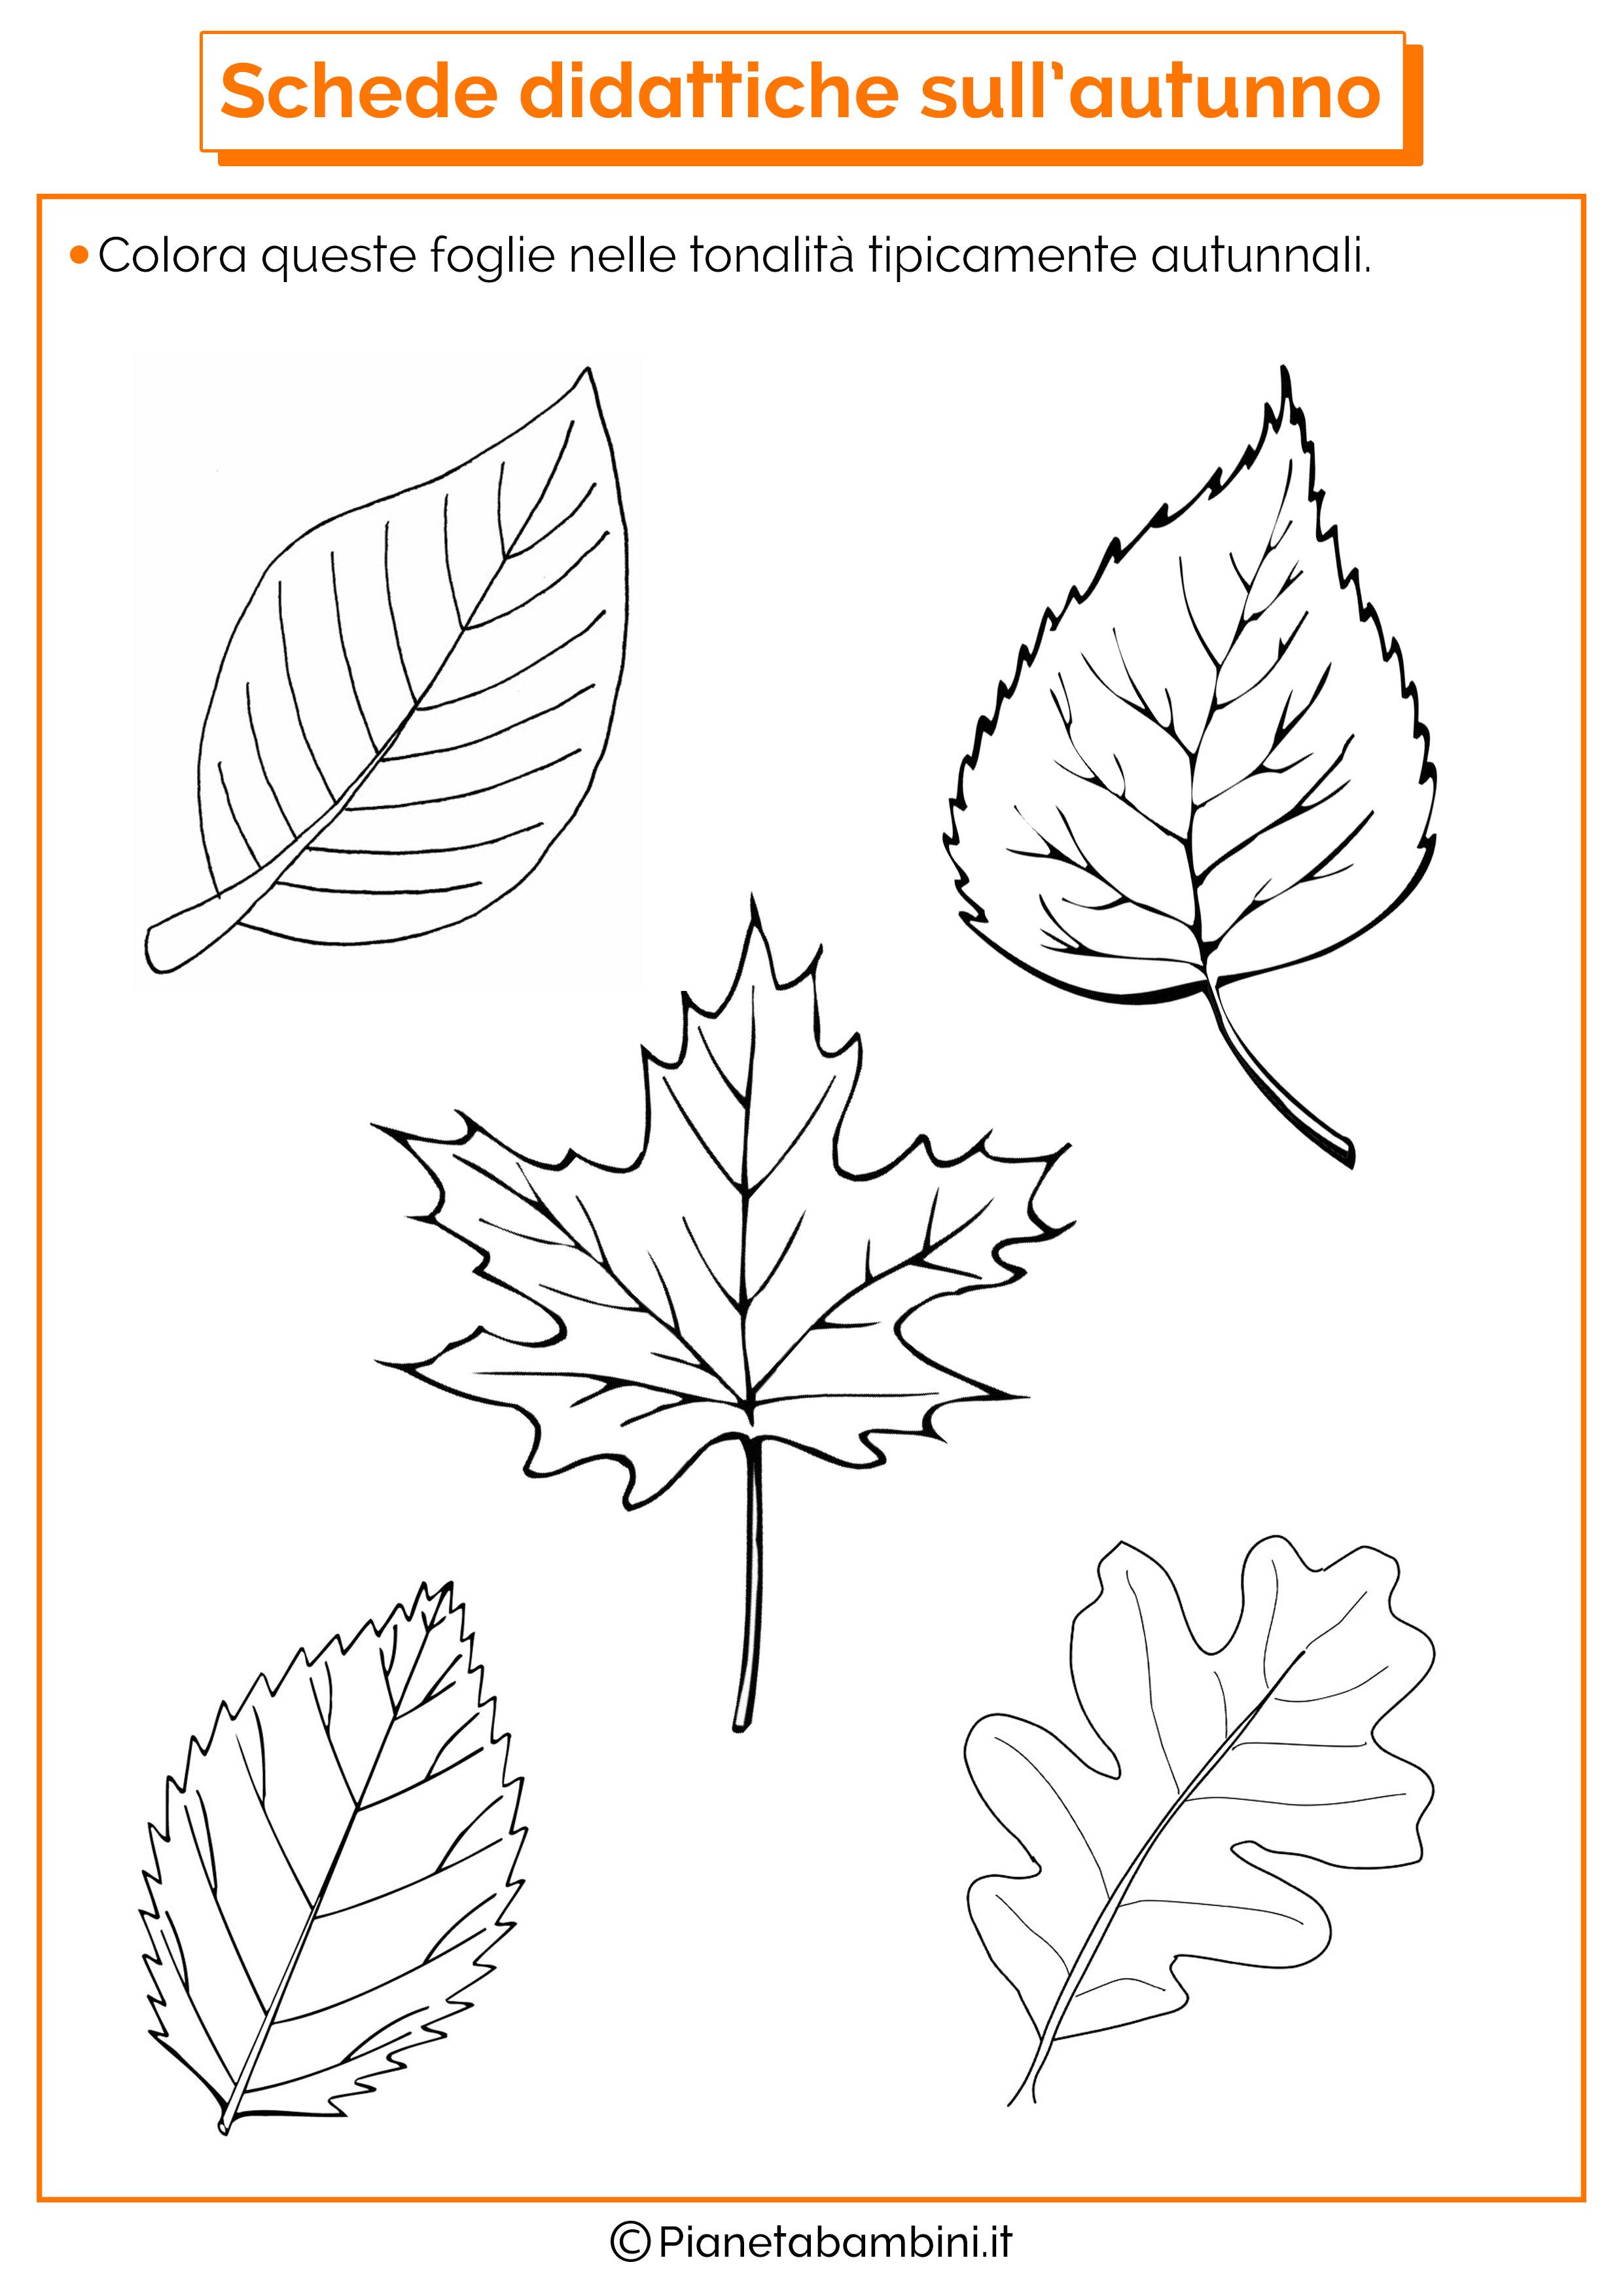 Schede didattiche sull 39 autunno per la scuola dell 39 infanzia - Numero di fogli di lavoro per bambini ...